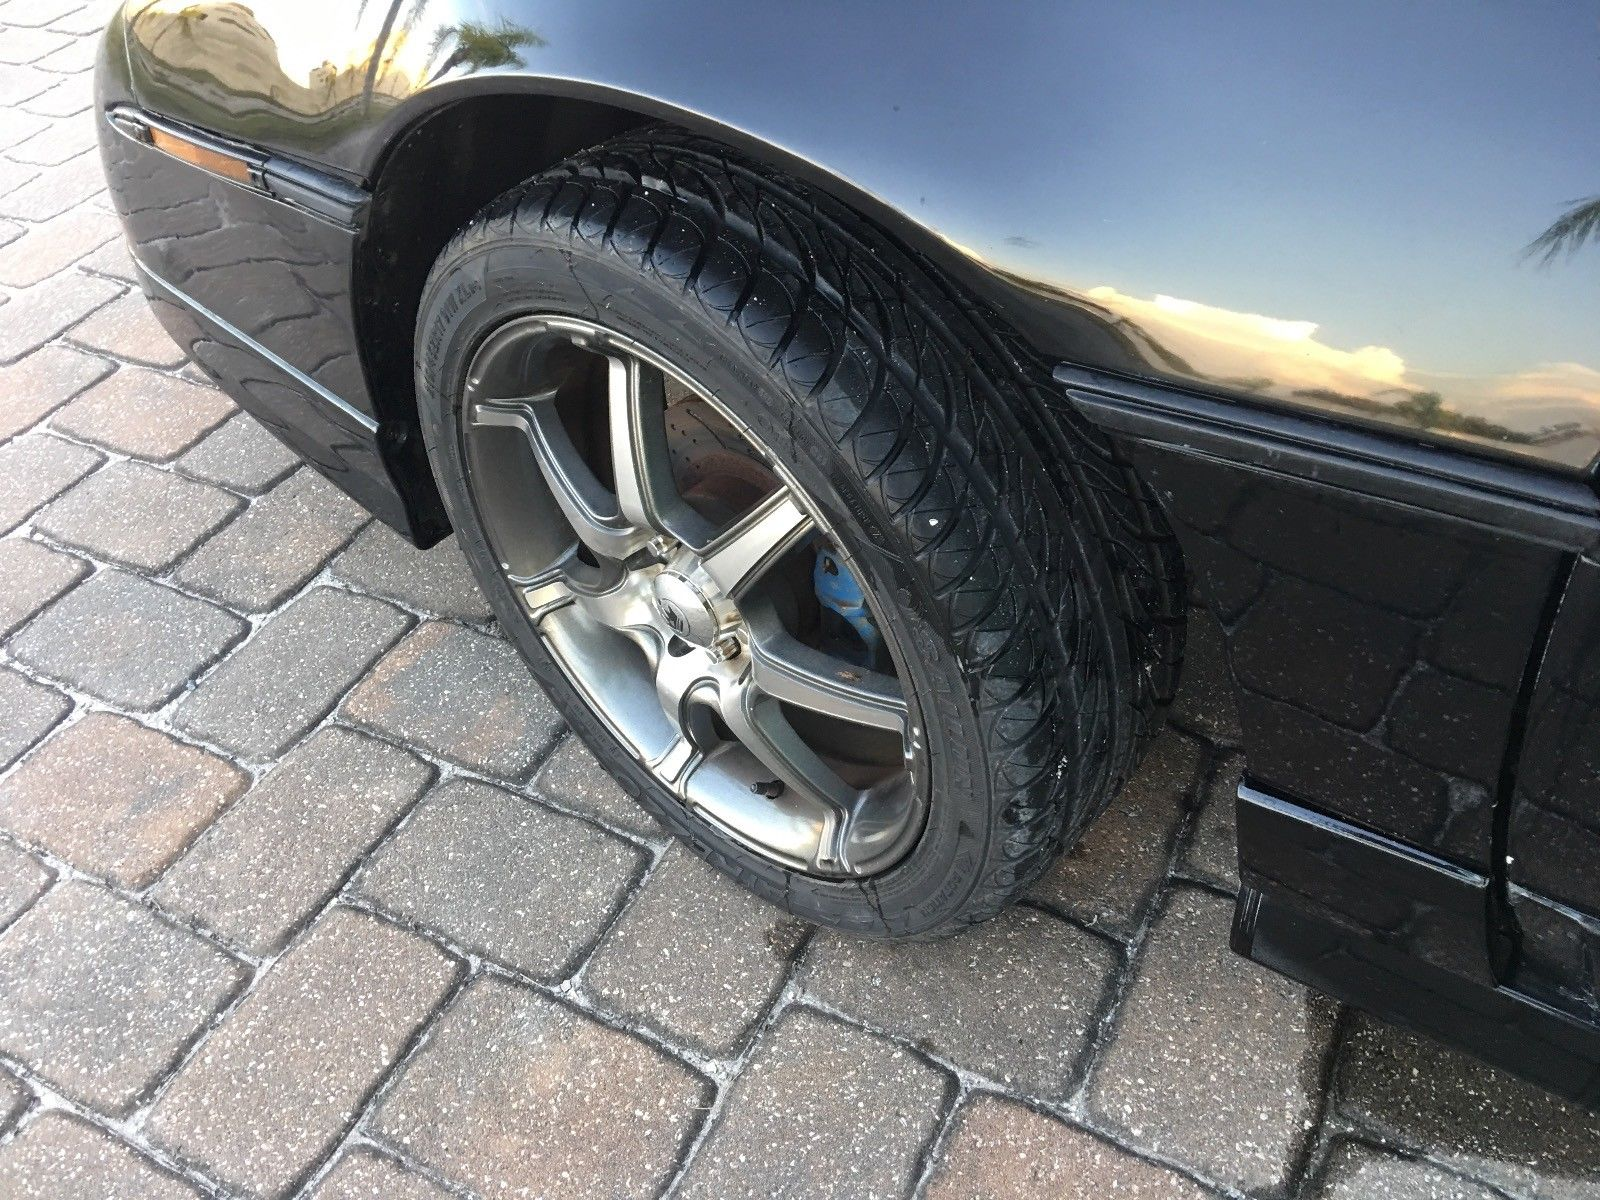 1986 Pontiac Fiero wheel